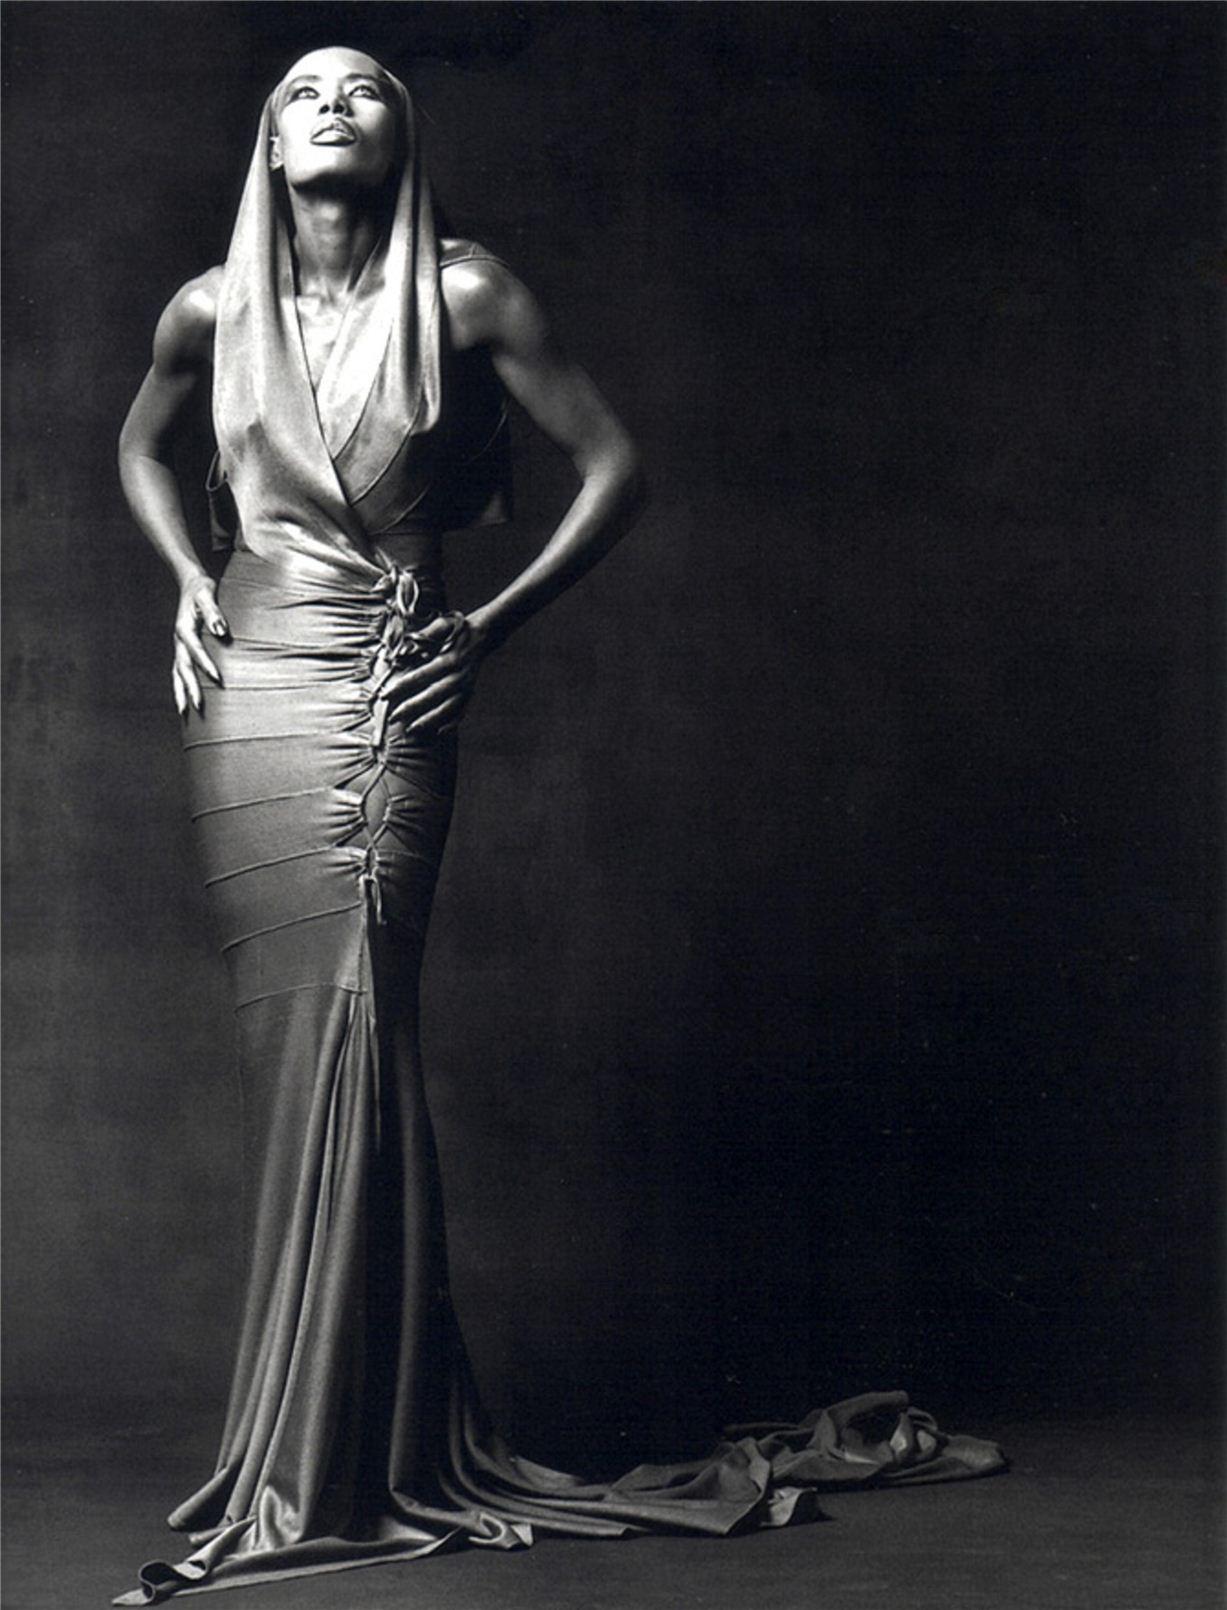 Grace Jones / Грейс Джонс - портрет фотографа Грега Гормана / Greg Gorman